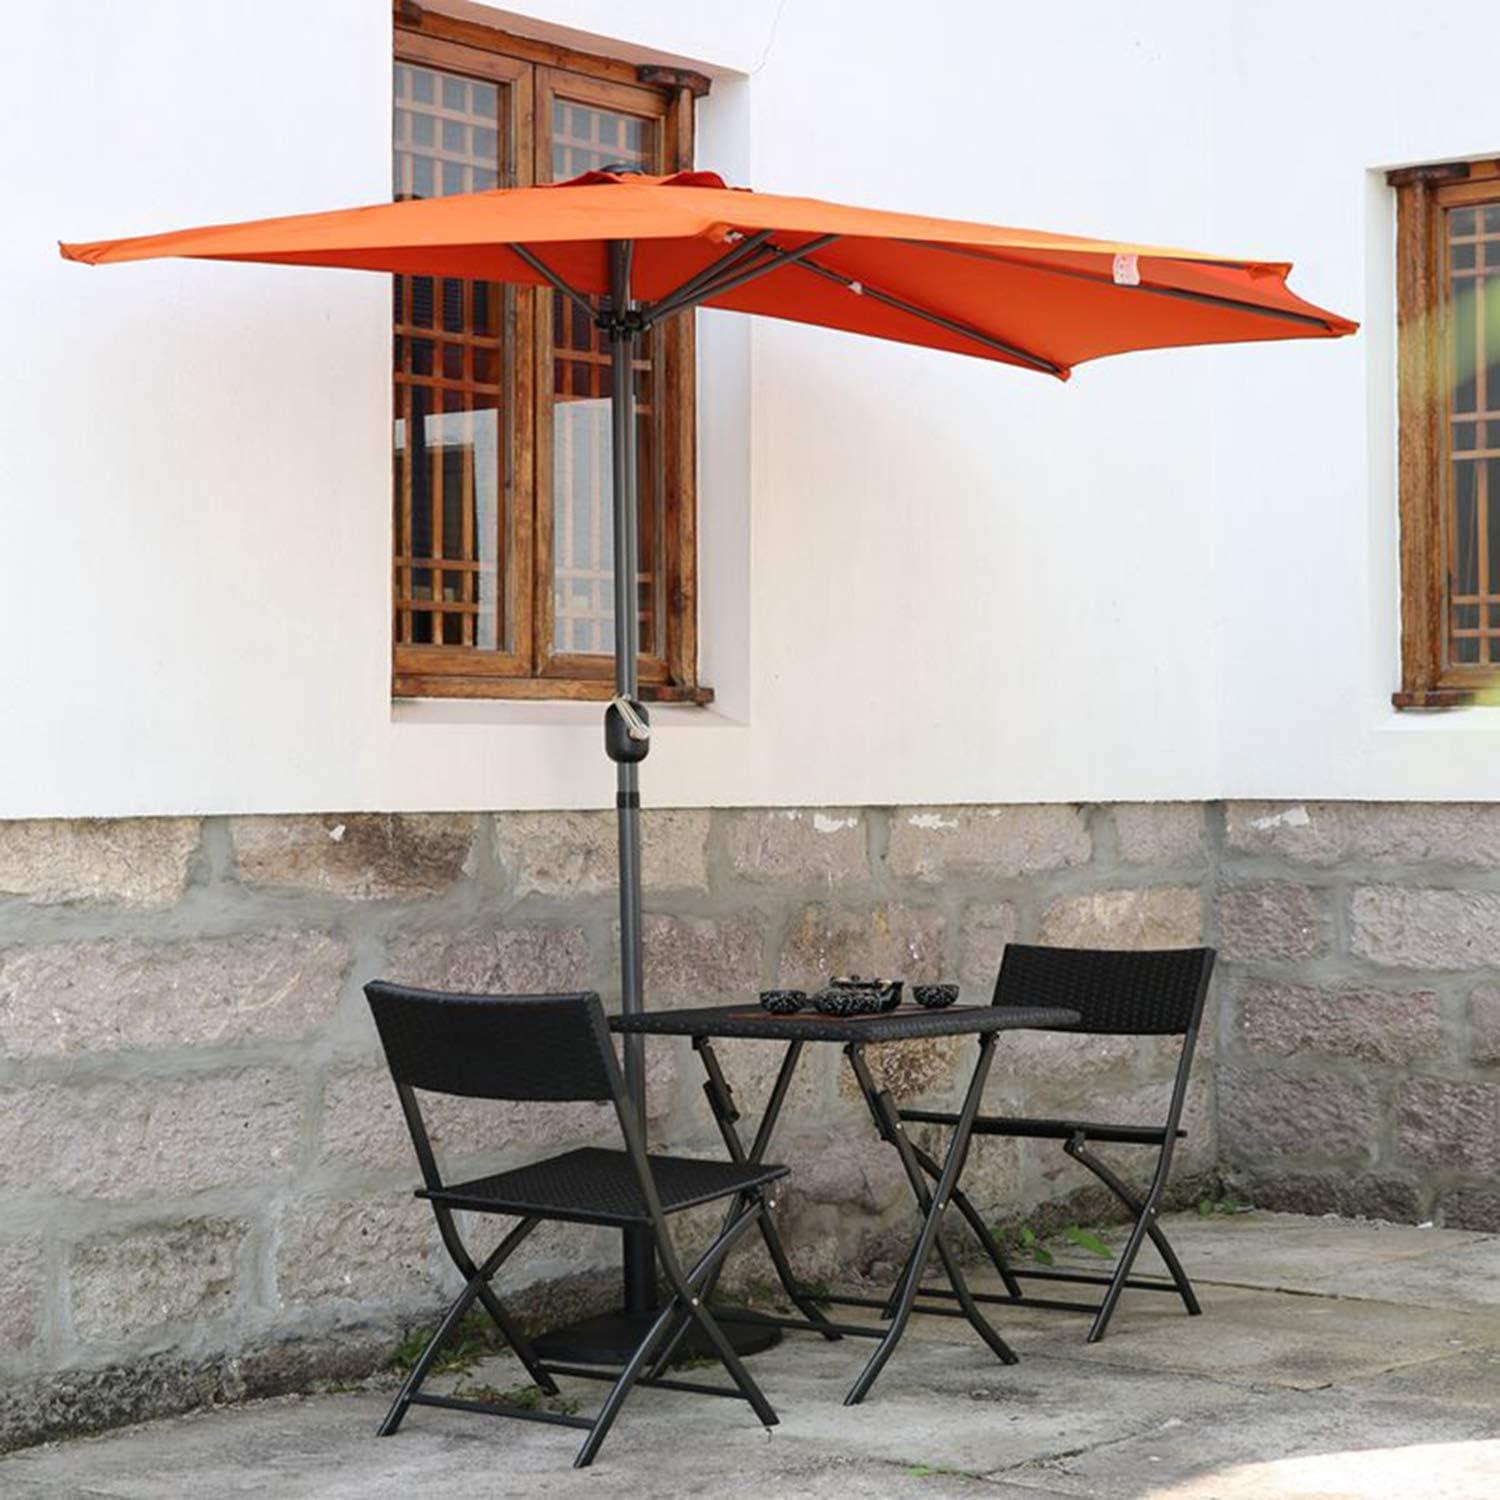 Angel Living Half Circular Parasol, Sombrilla Semicircular 270cm de Aluminio, Mástil Central de Aluminio de 38 mm, para Jardín Patio (Terracota)